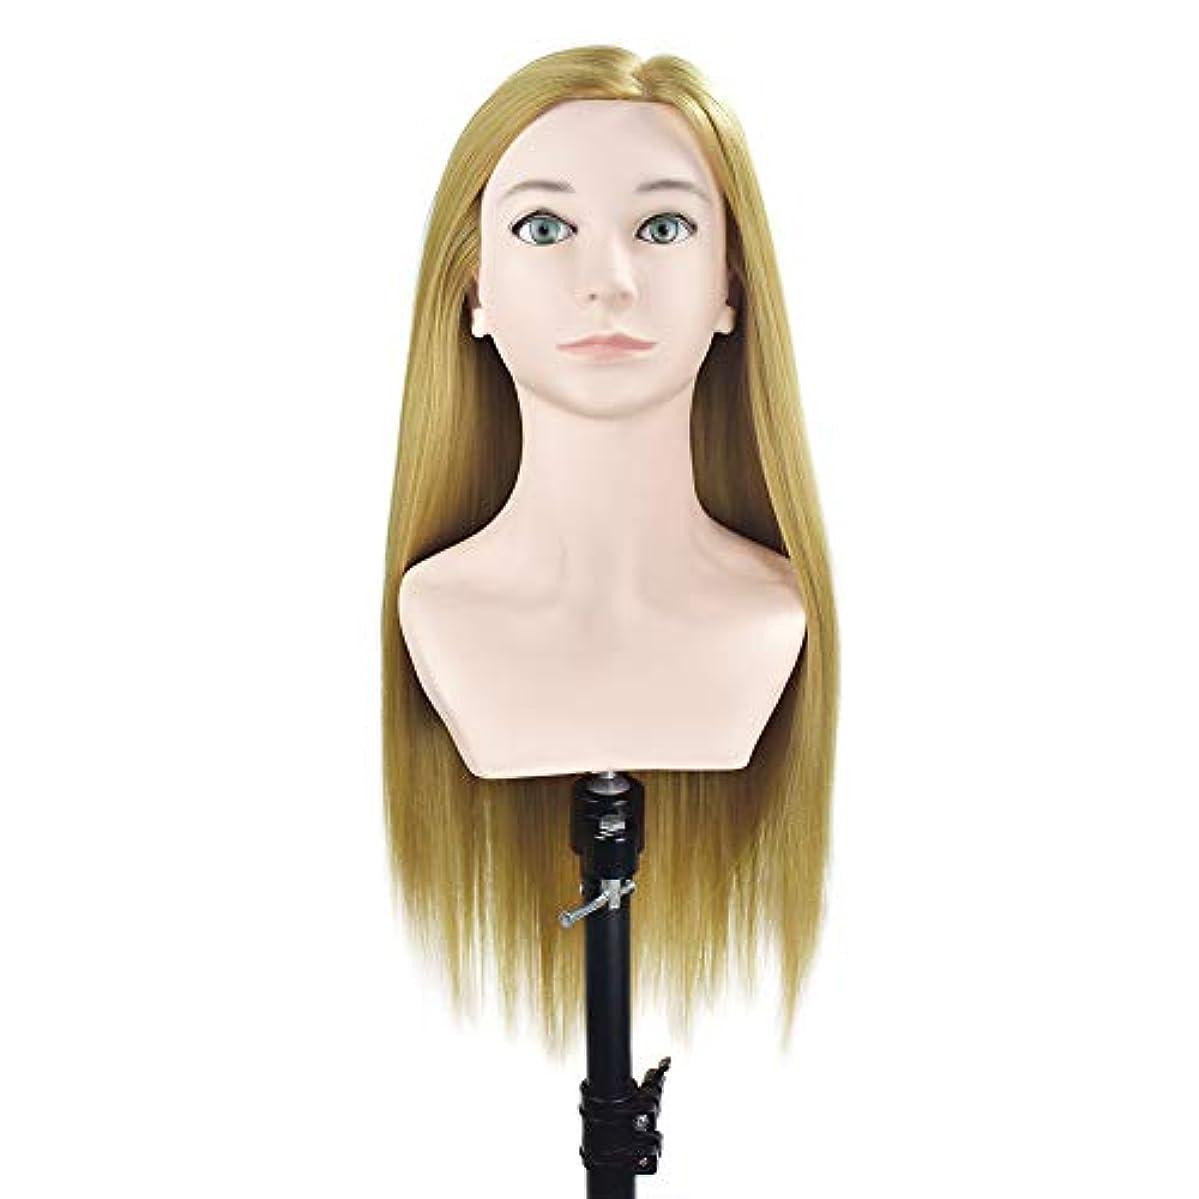 定数ホテルキャリッジサロンの髪の編み物の美容指導の頭スタイリングのヘアカットのダミーヘッドのメイク肩の学習マネキンの頭